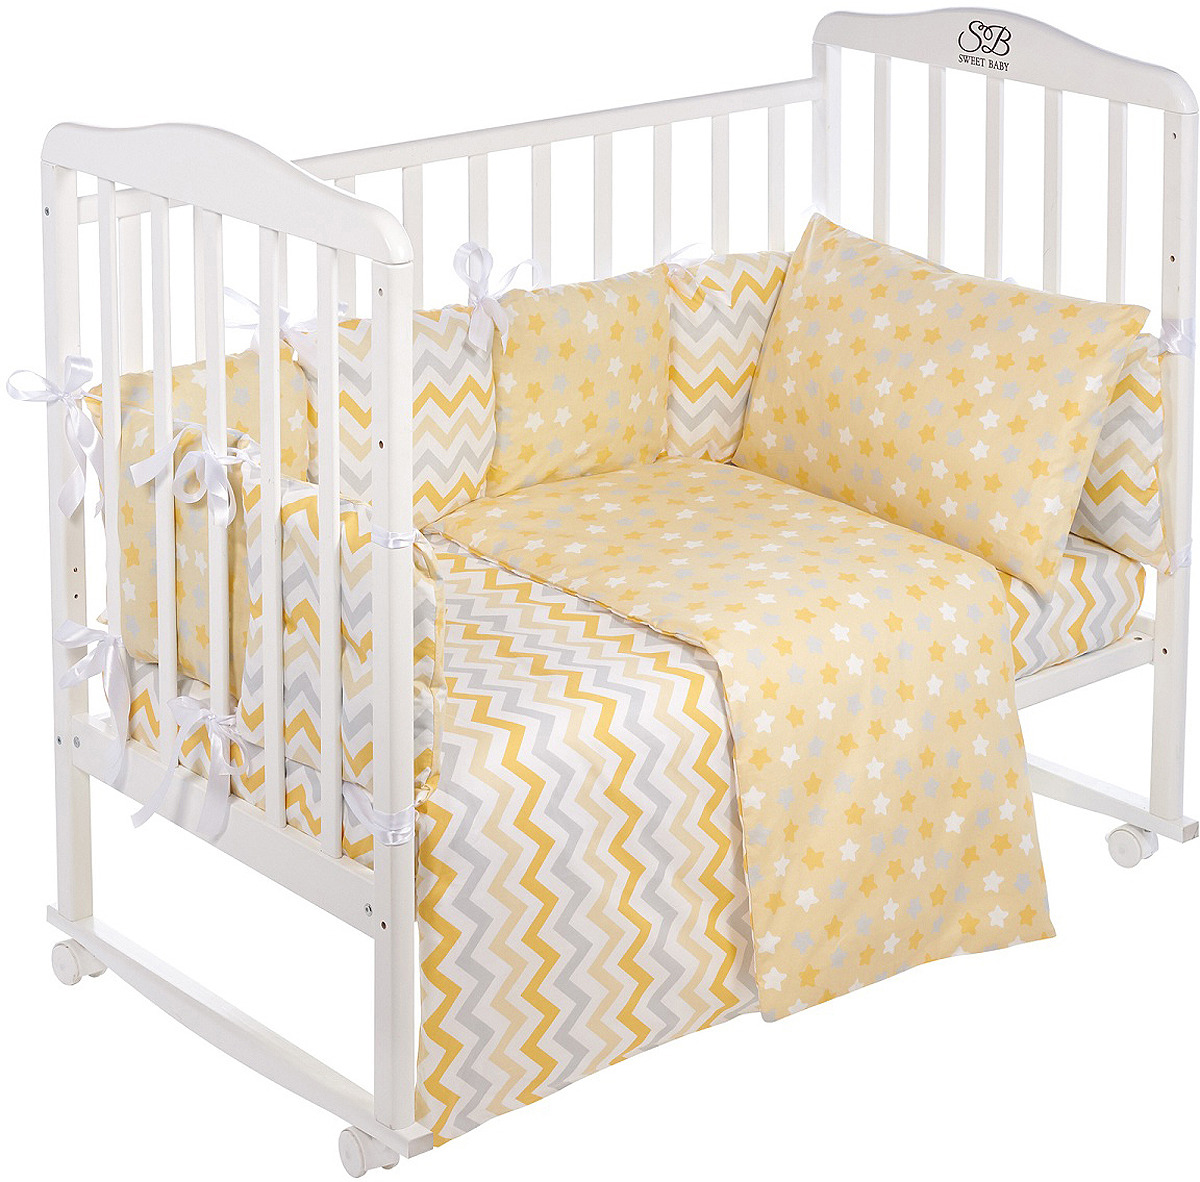 Комплект в кроватку Sweet Baby Colori Giallo, 420977, желтый, 4 предмета